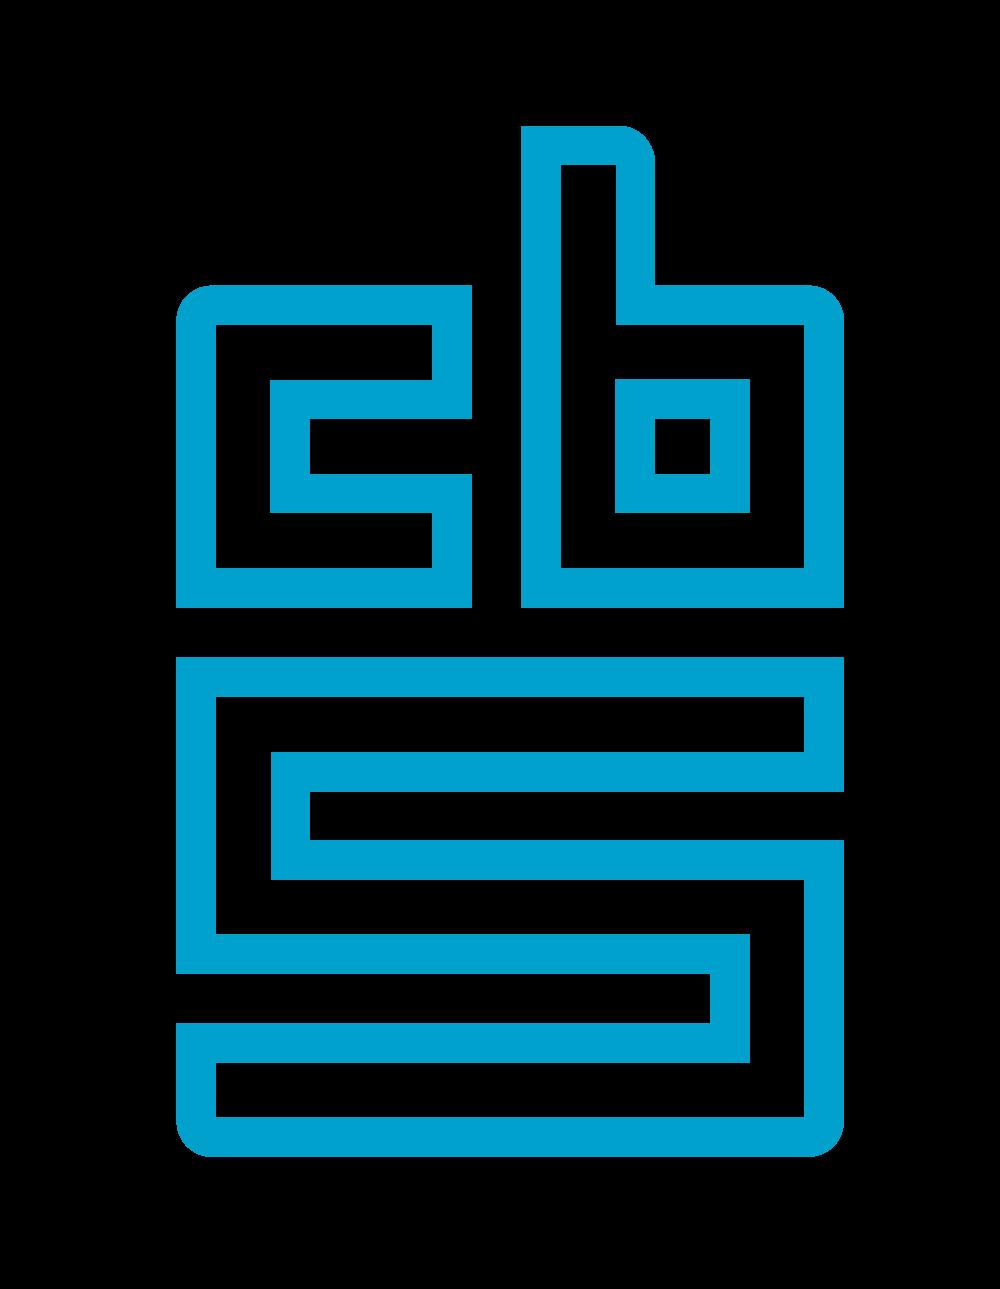 CBS_logo_RGB.png